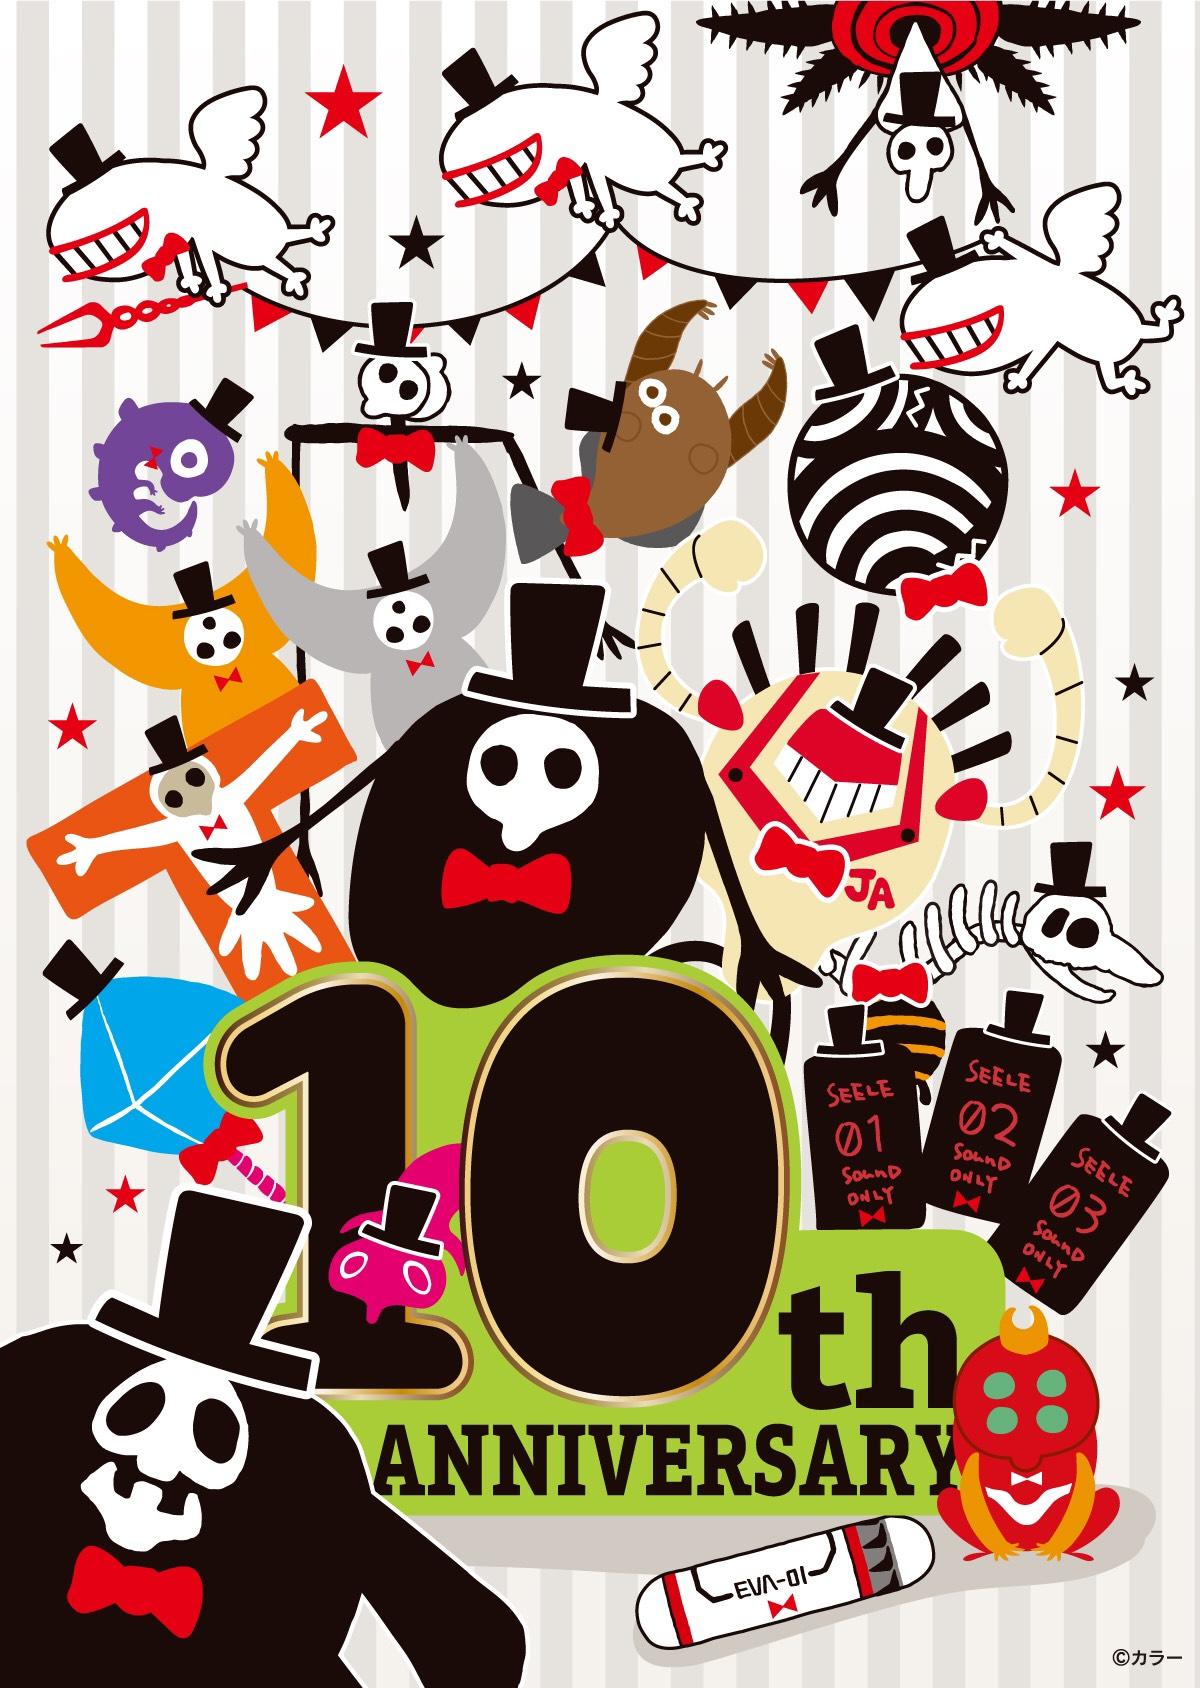 【お知らせ:2021年は「ゆるしと」10周年のAnniversary Year!記念ビジュアルを大公開!!】(2021.10.13更新)